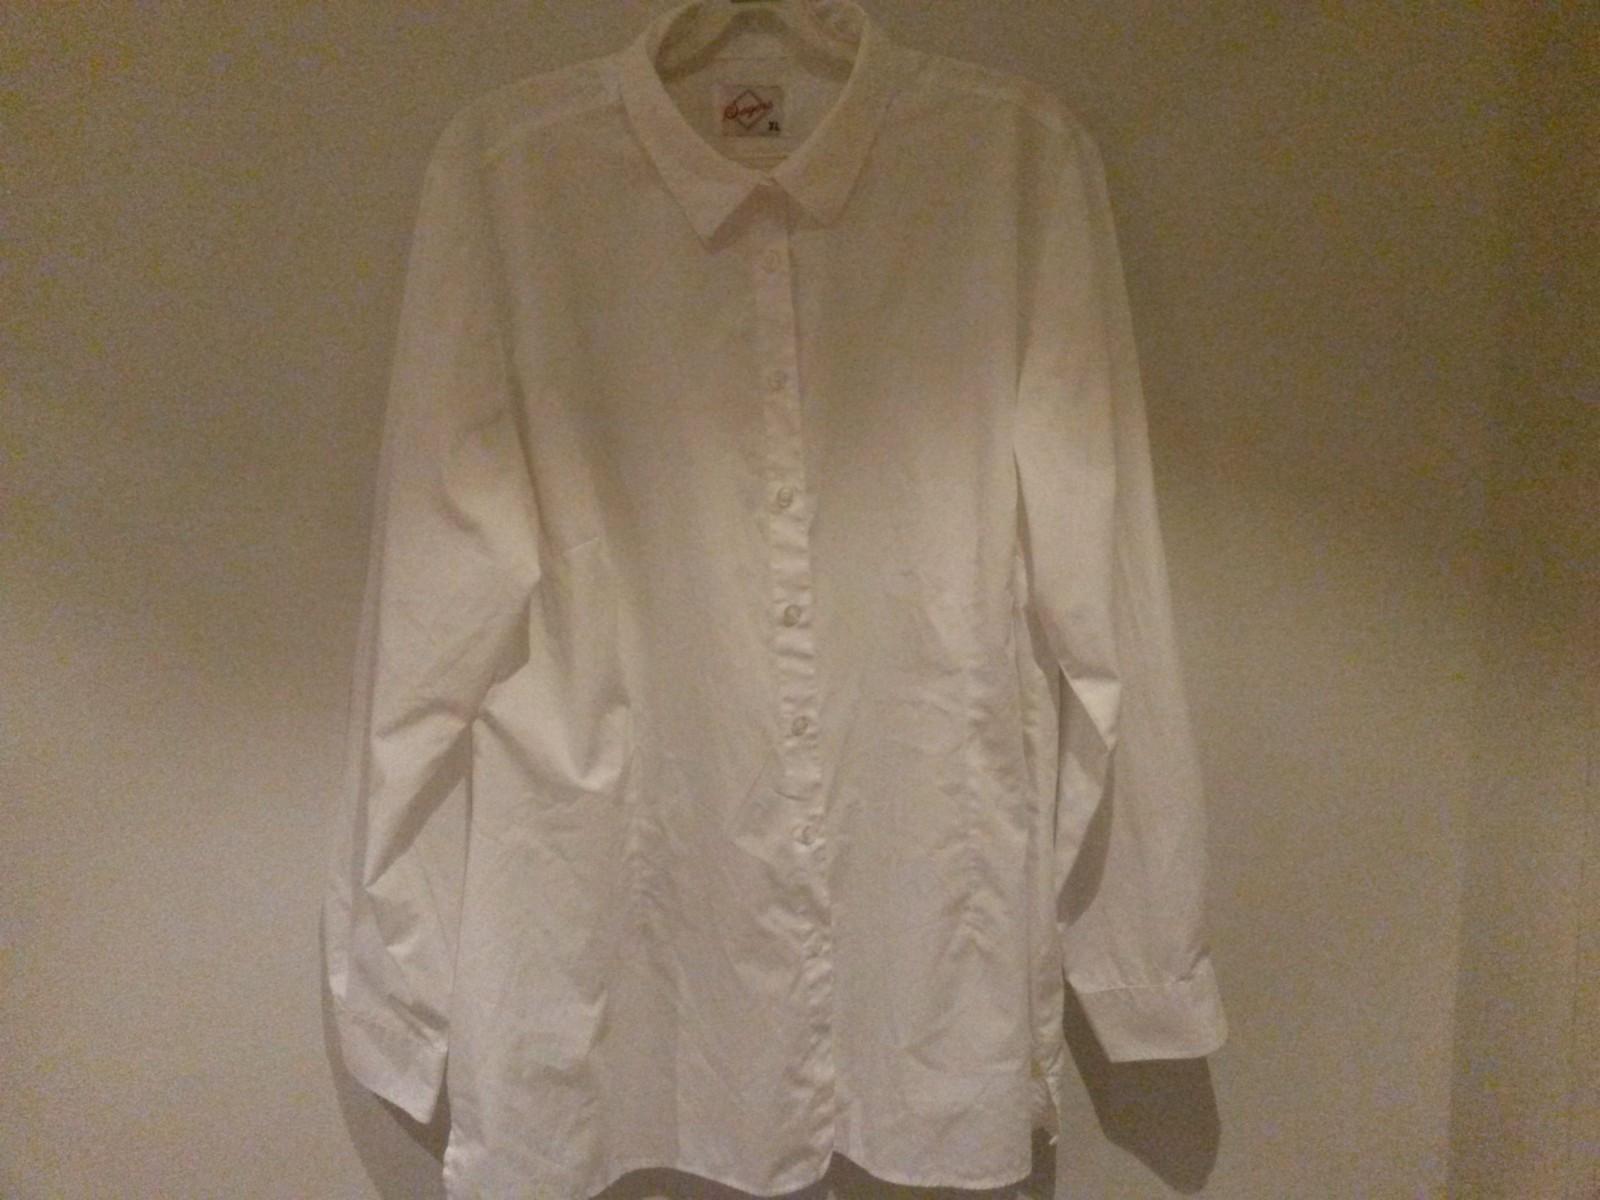 Ny Skjorte merke Hejco str Eur 4142   FINN.no